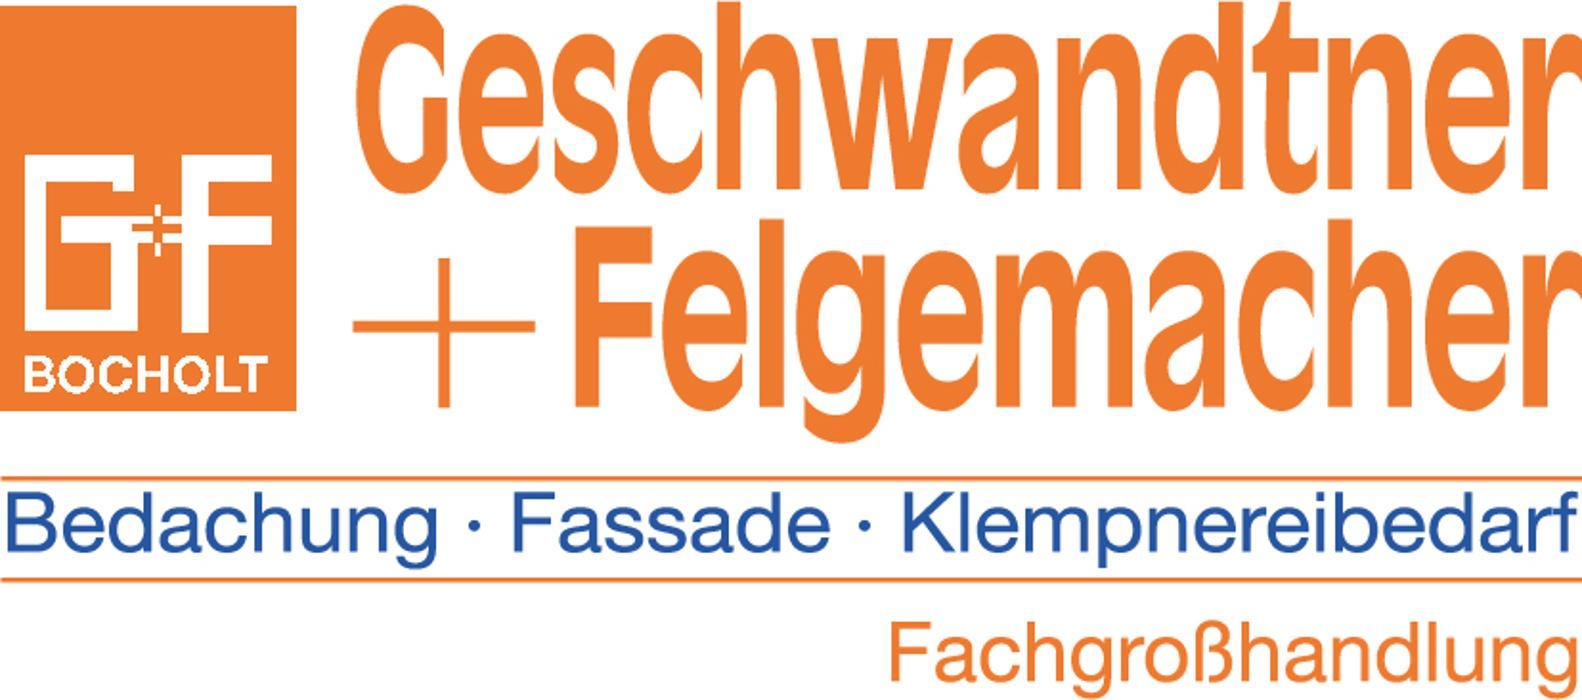 Bild zu Geschwandtner & Felgemacher Bedachungsgroßhandel GmbH in Bocholt